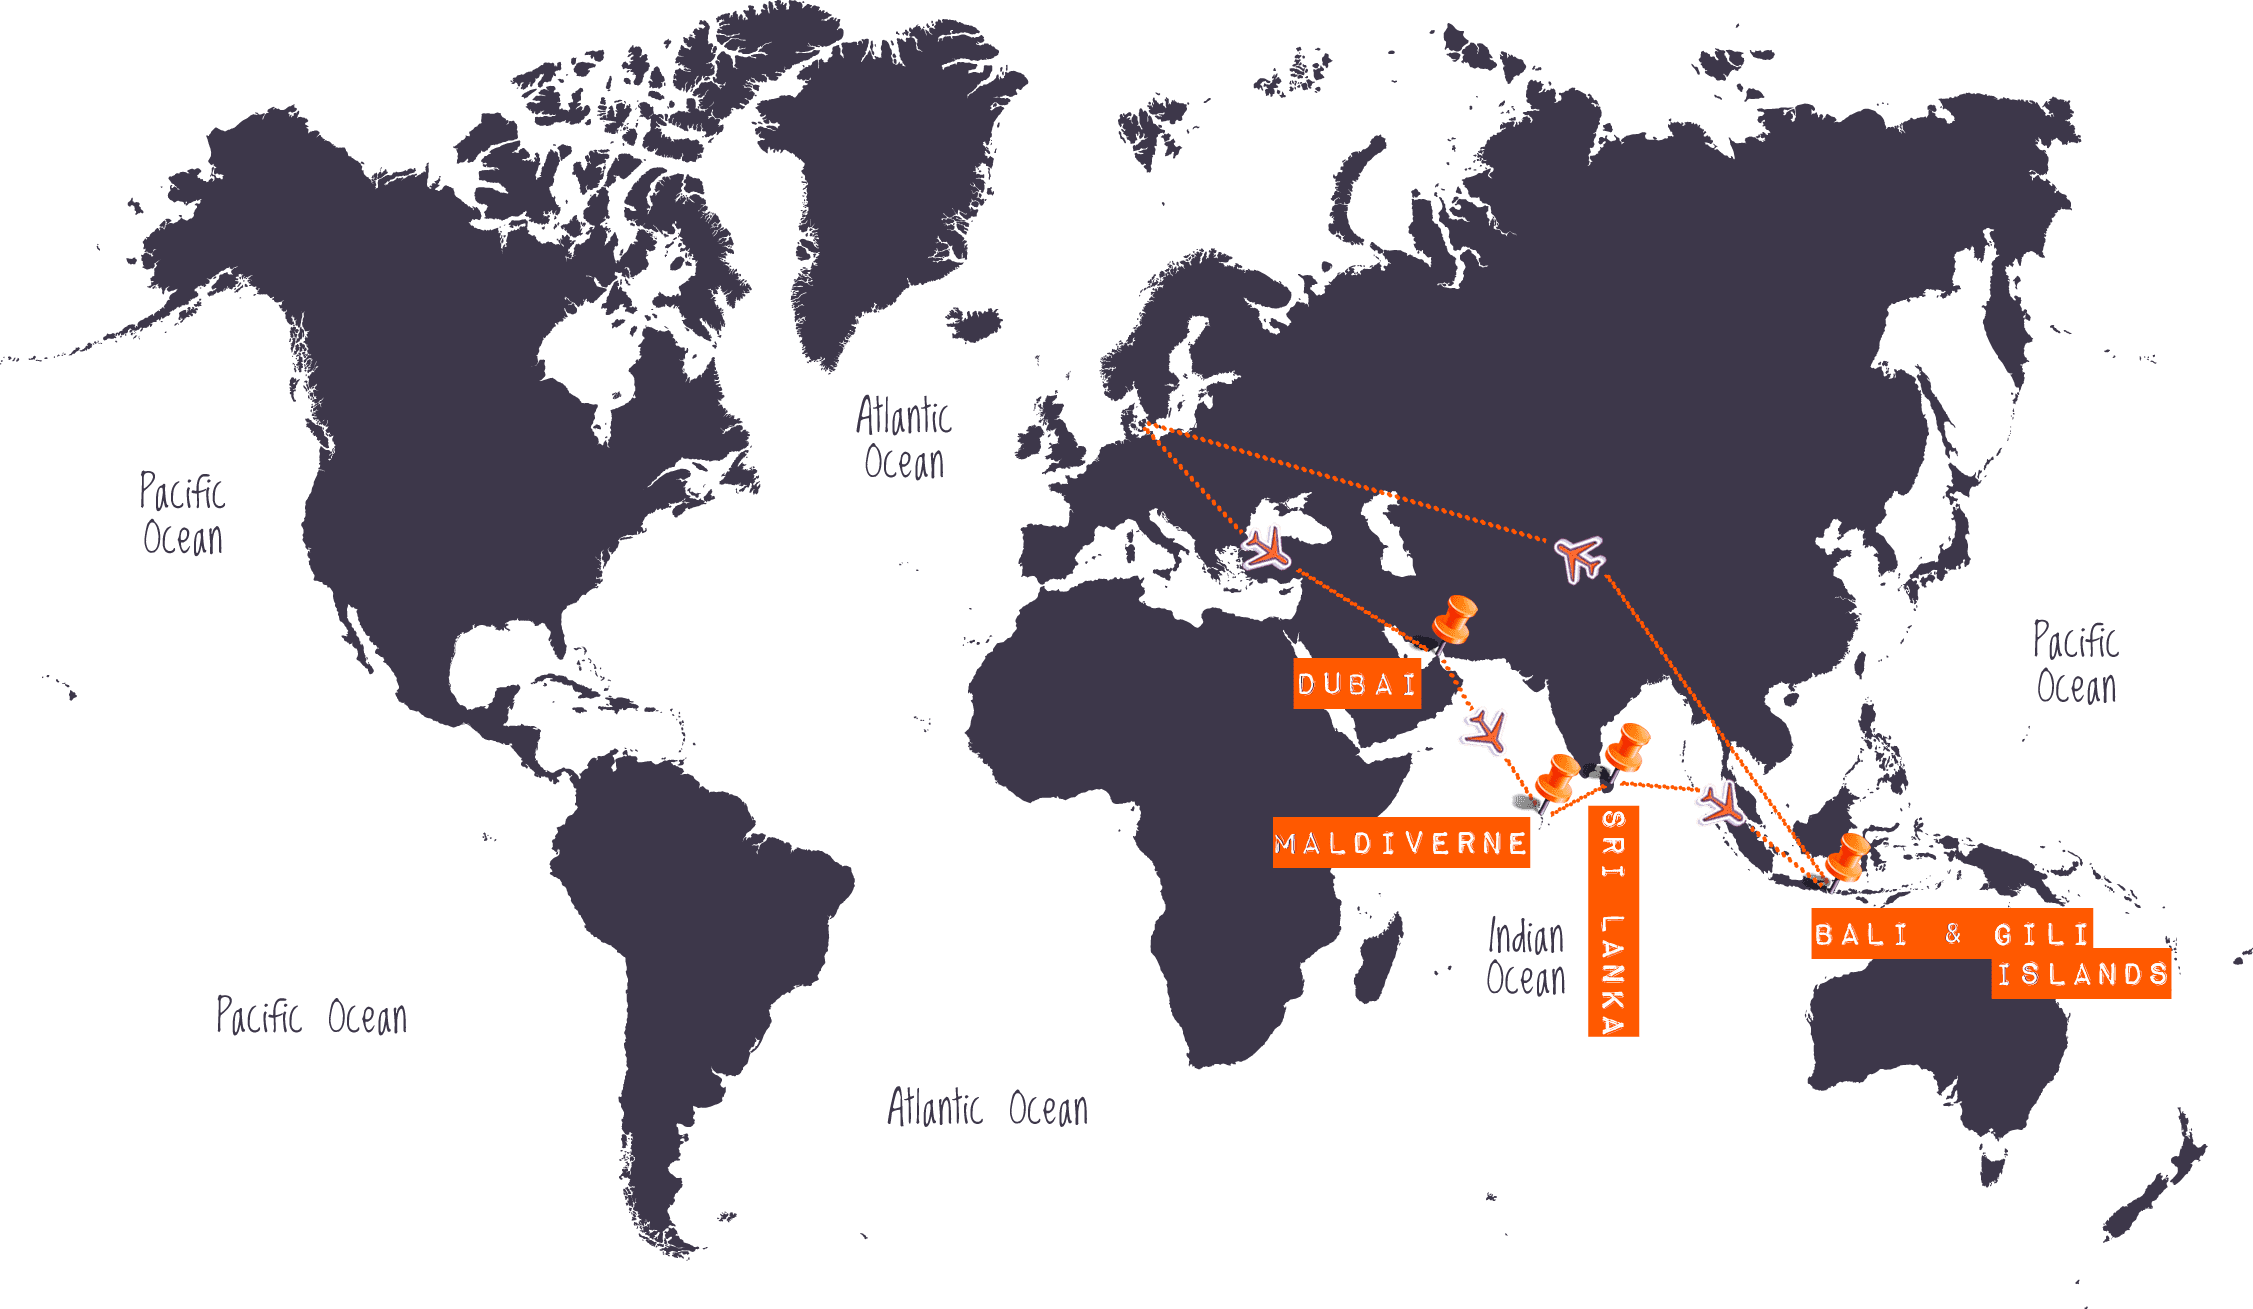 Verdenskort - Maldiverne, Sri Lanka, Bali & Gili Islands - Højskole i Udlandet, HÖJSKOLENDK